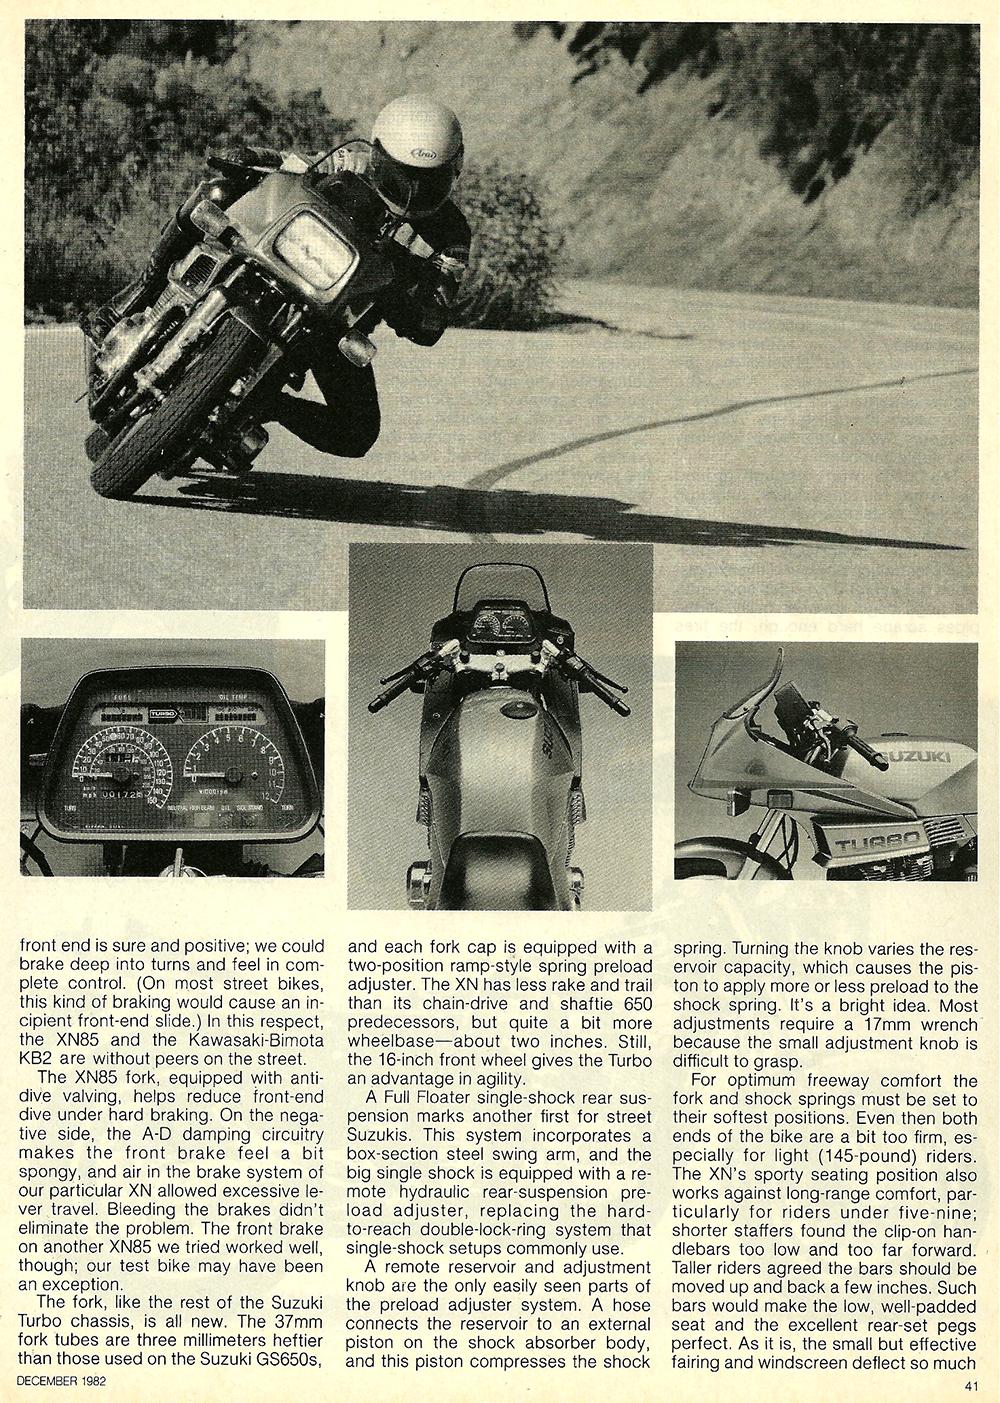 1983 Suzuki XN85 Turbo road test 4.jpg